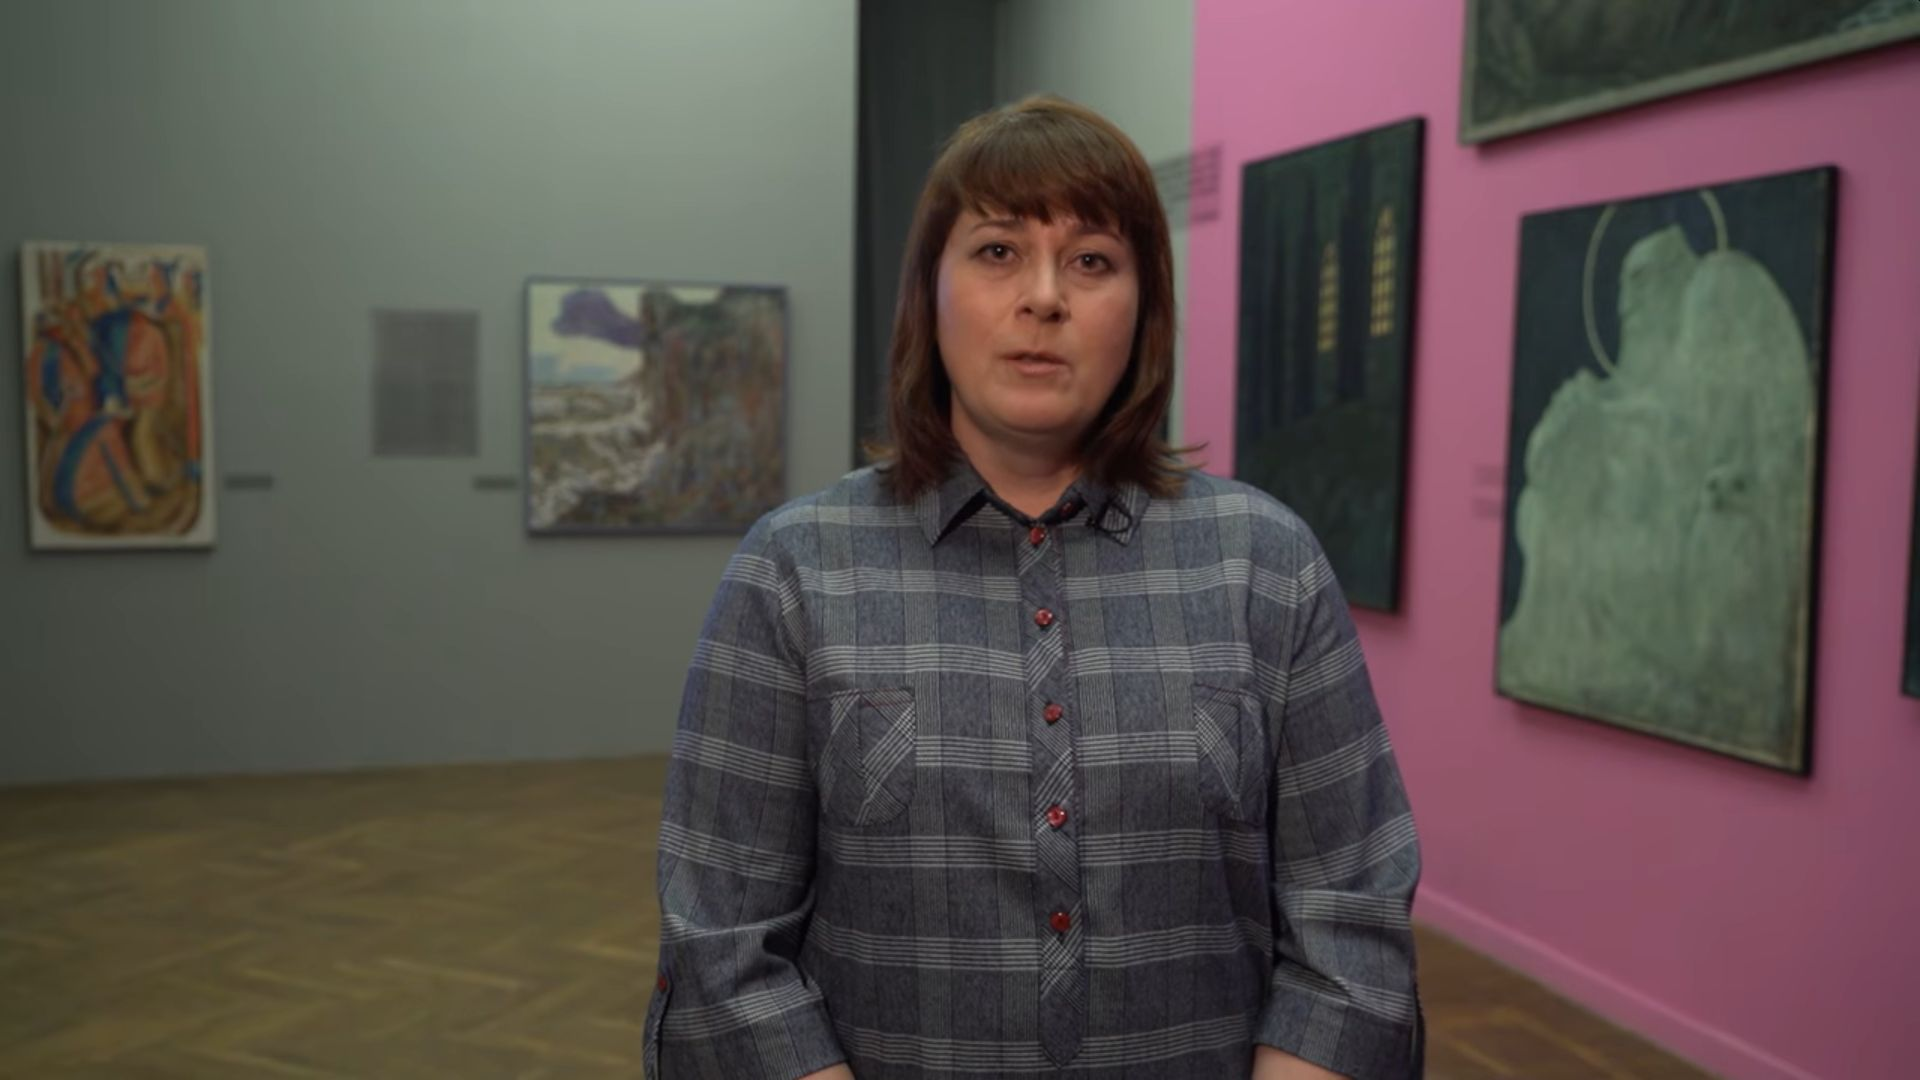 """Художній музей розповідає про шедеври зі своїх архівів у циклі """"Мистецькі історії"""""""